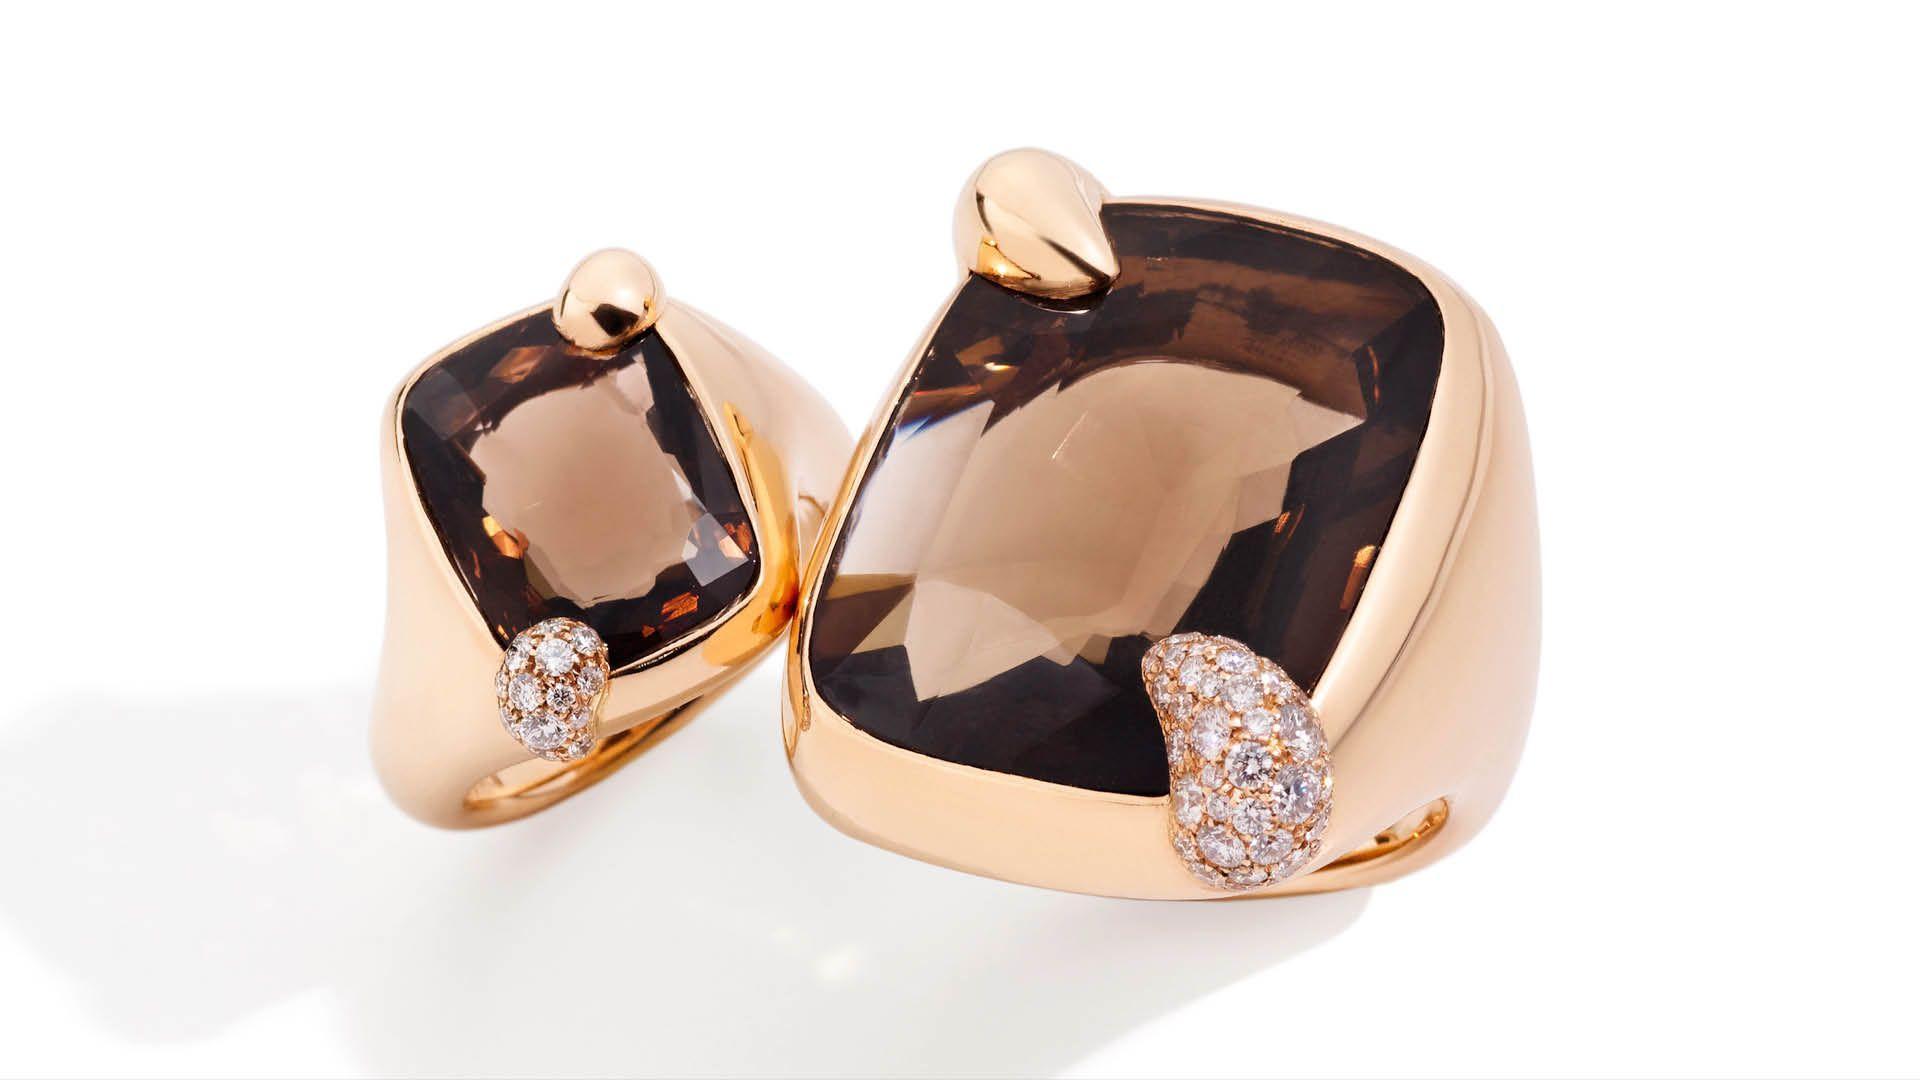 Pomellato Ritratto smoky quartz rings